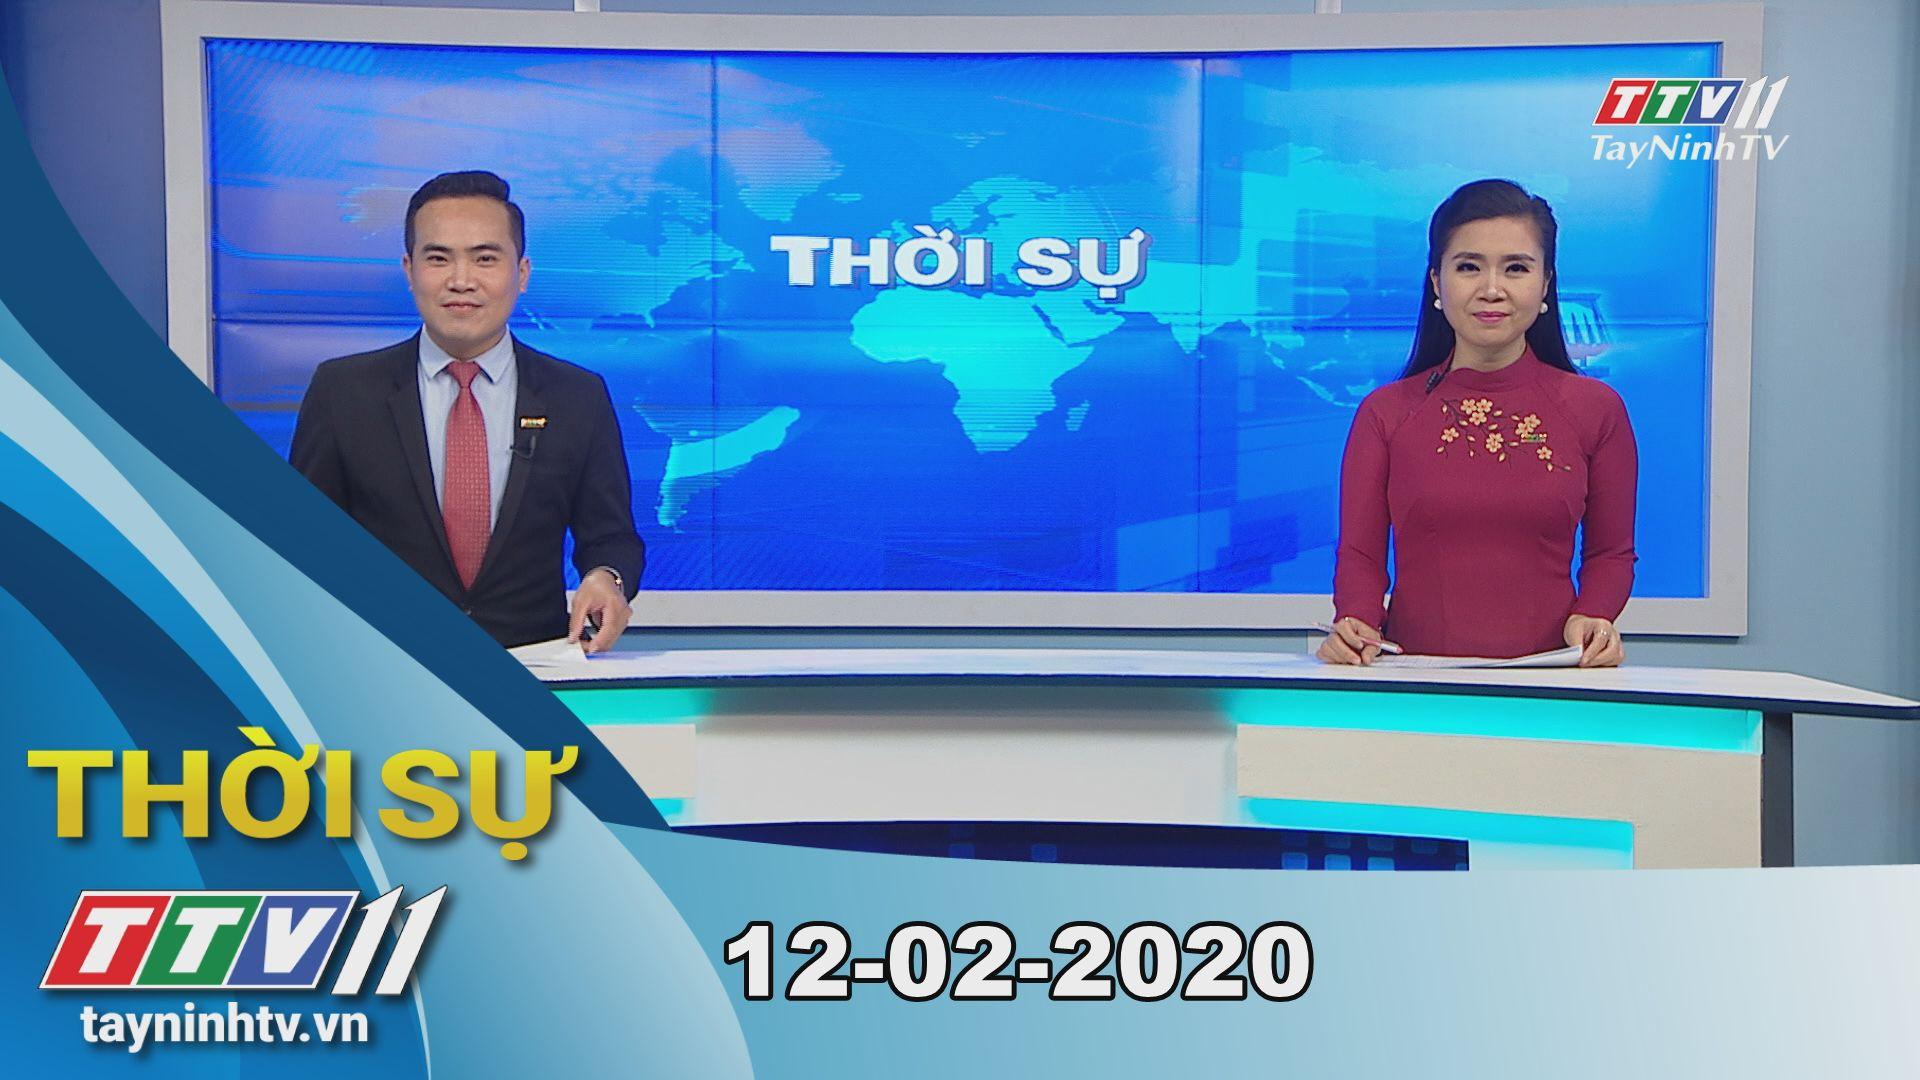 Thời sự Tây Ninh 12-02-2020 | Tin tức hôm nay | TayNinhTV